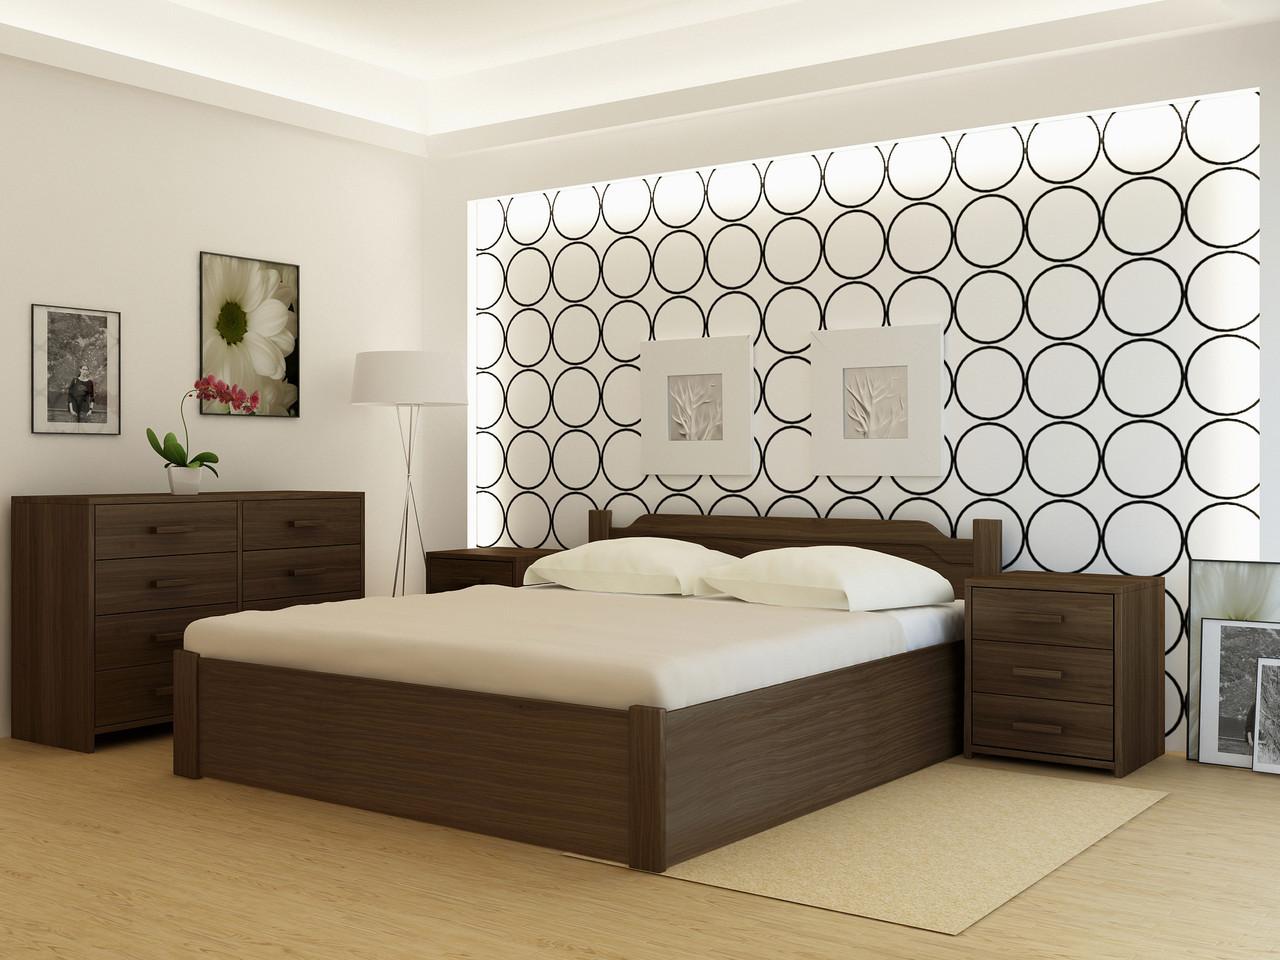 Дерев'яне ліжко Флоренція плюс (з підйомним механізмом)